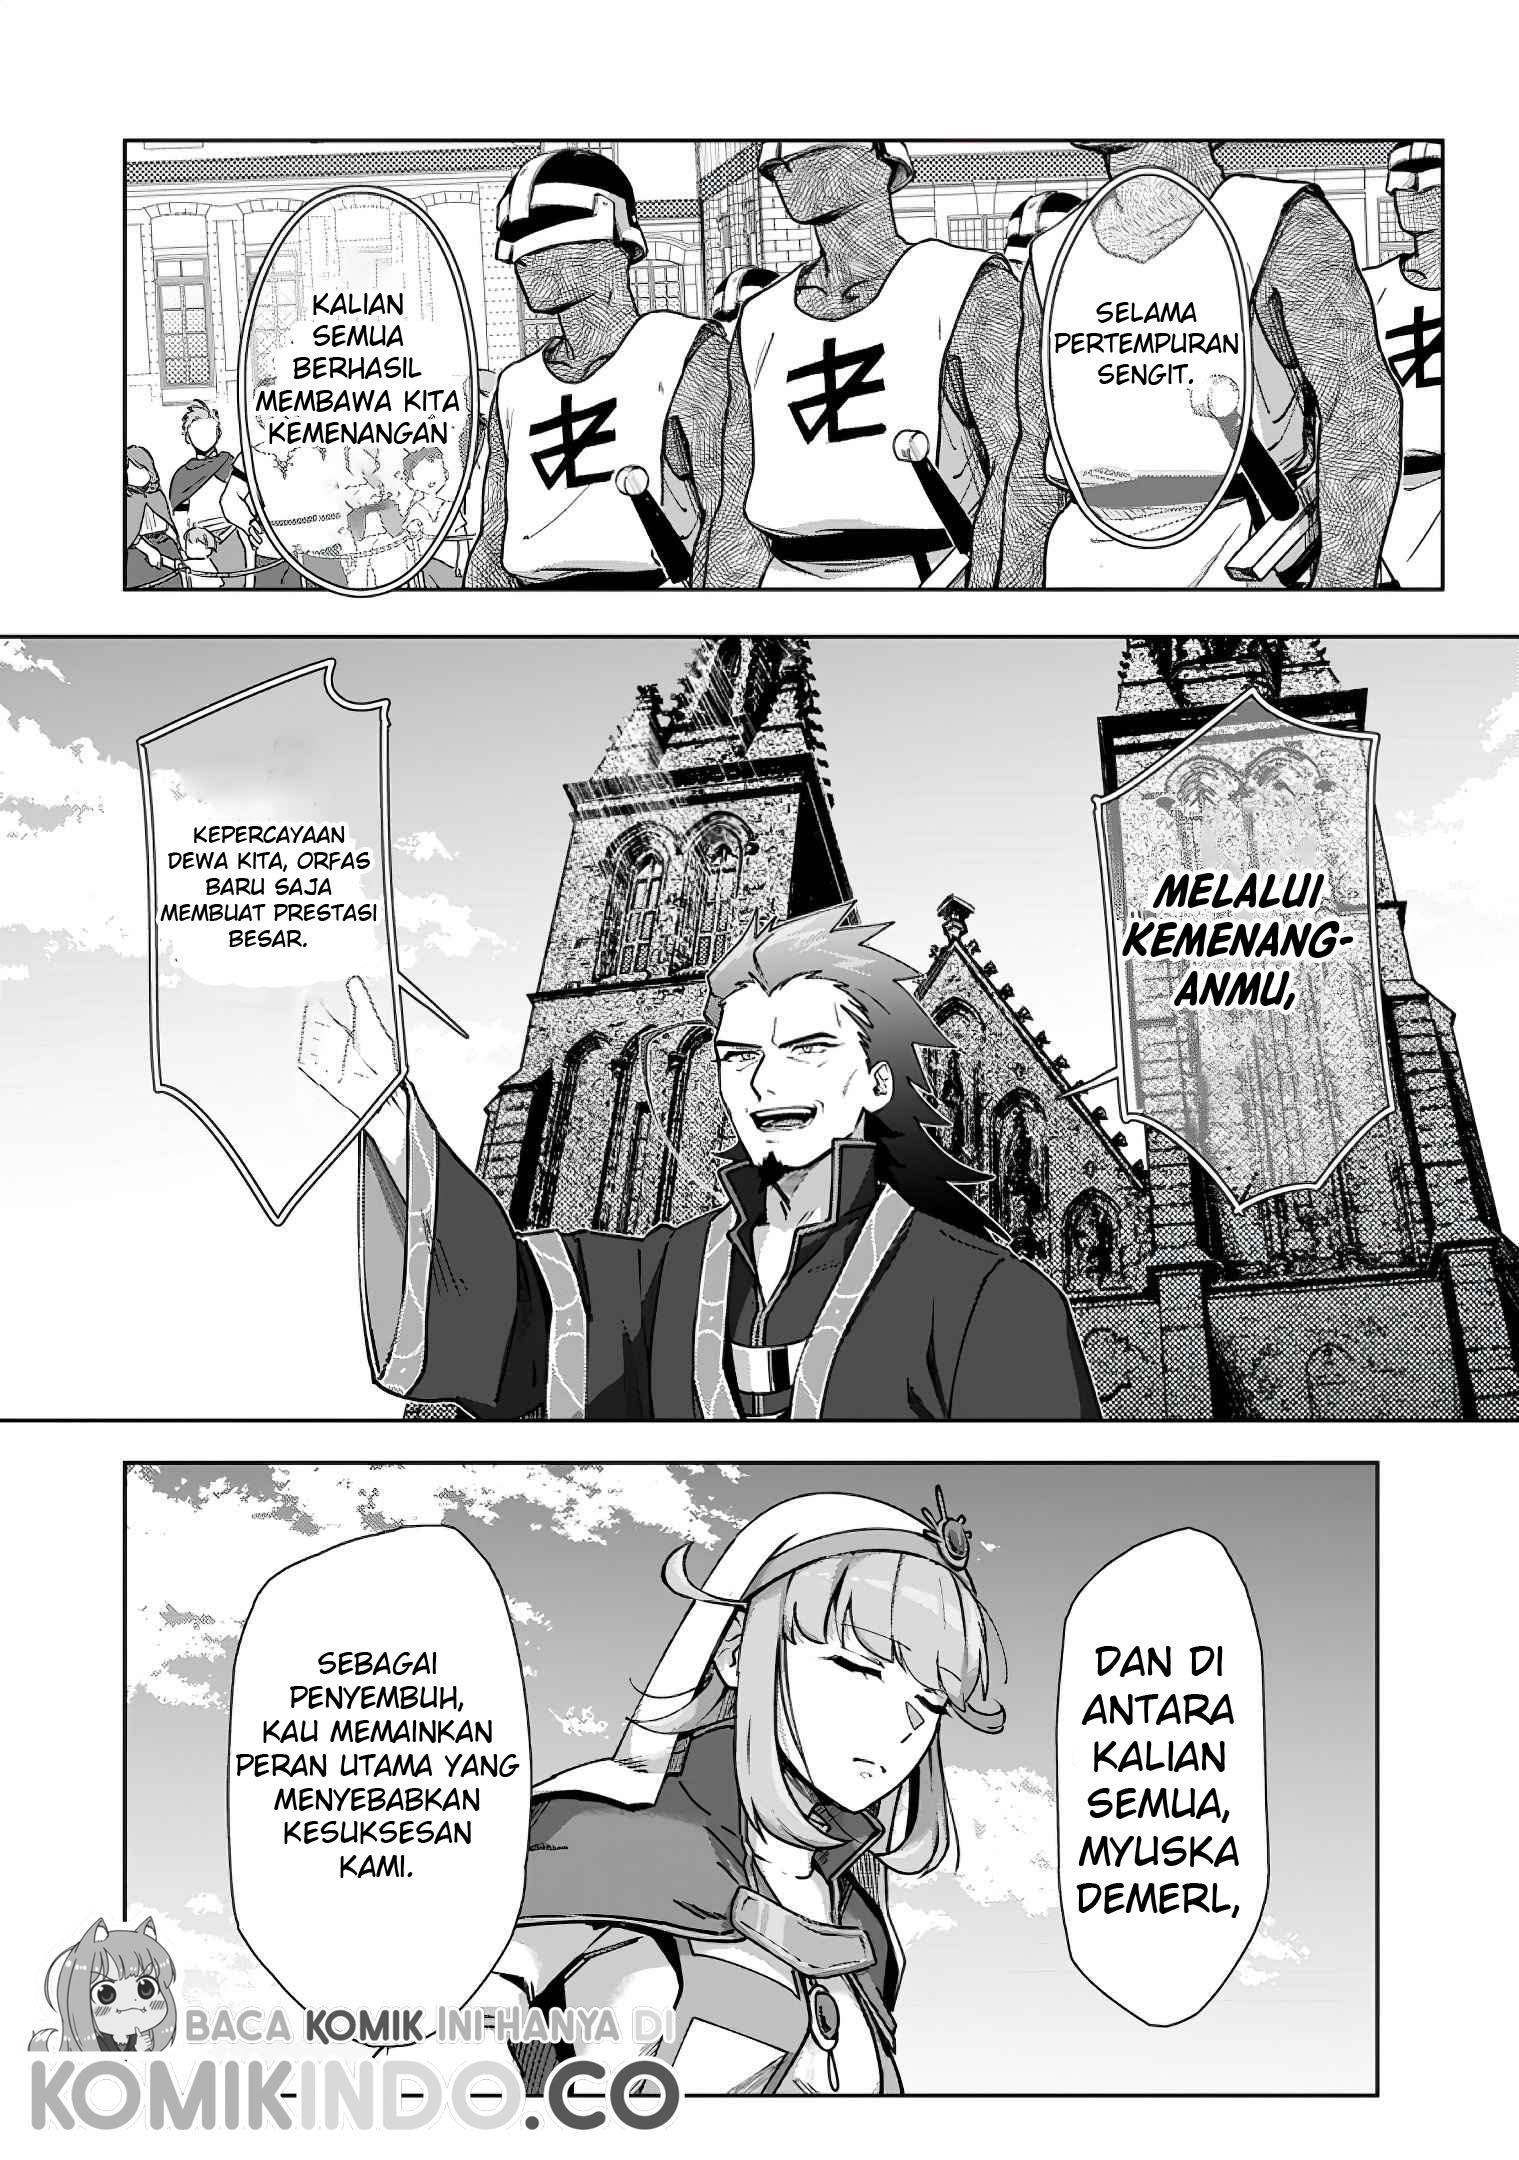 Tenshoku no Shinden wo Hirakimashita Chapter 12